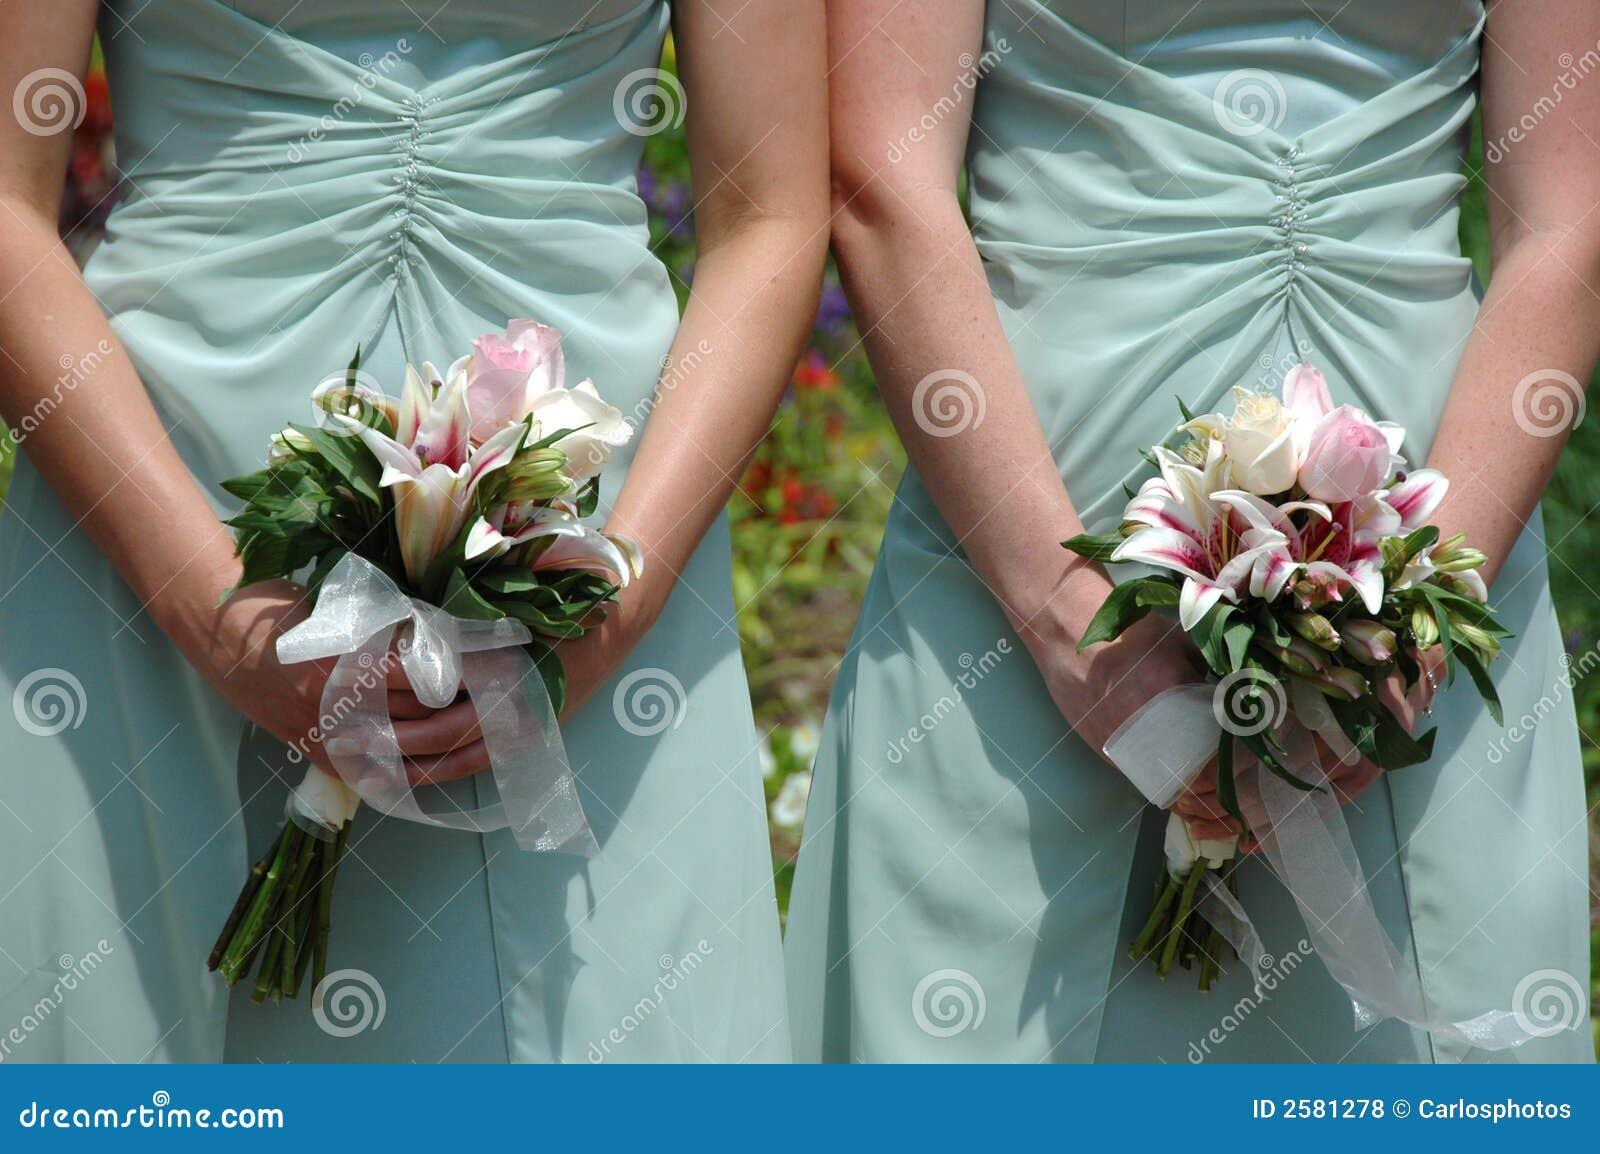 Brautjunfern, die Blumensträuße anhalten